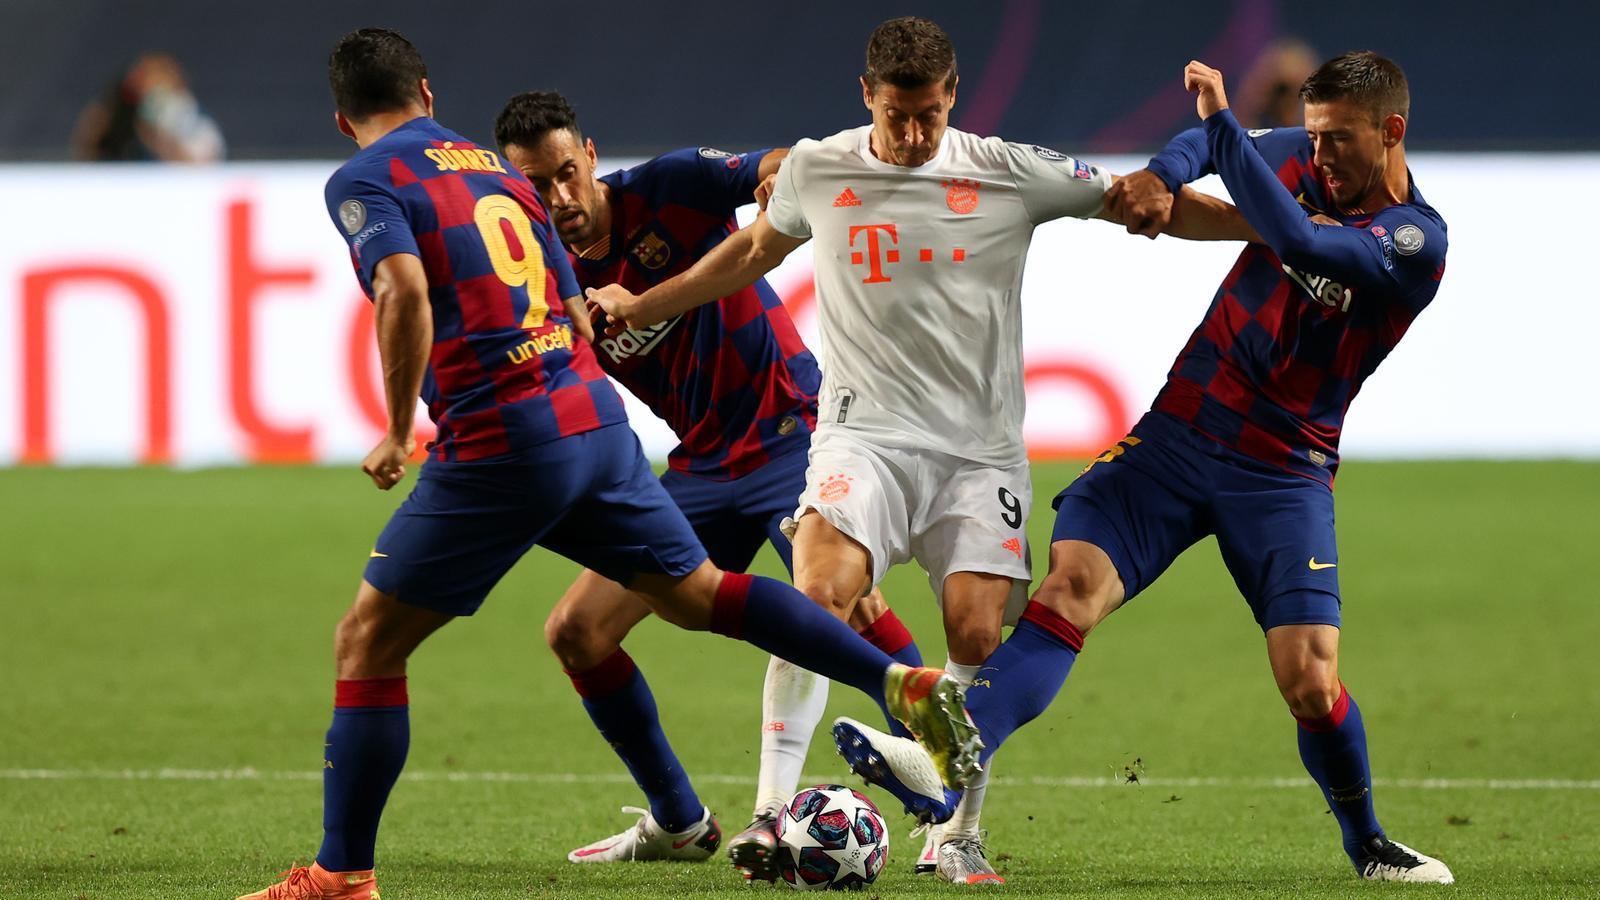 Imatge del partit contra el Bayern de Munich on els blaugranes perden 2-8